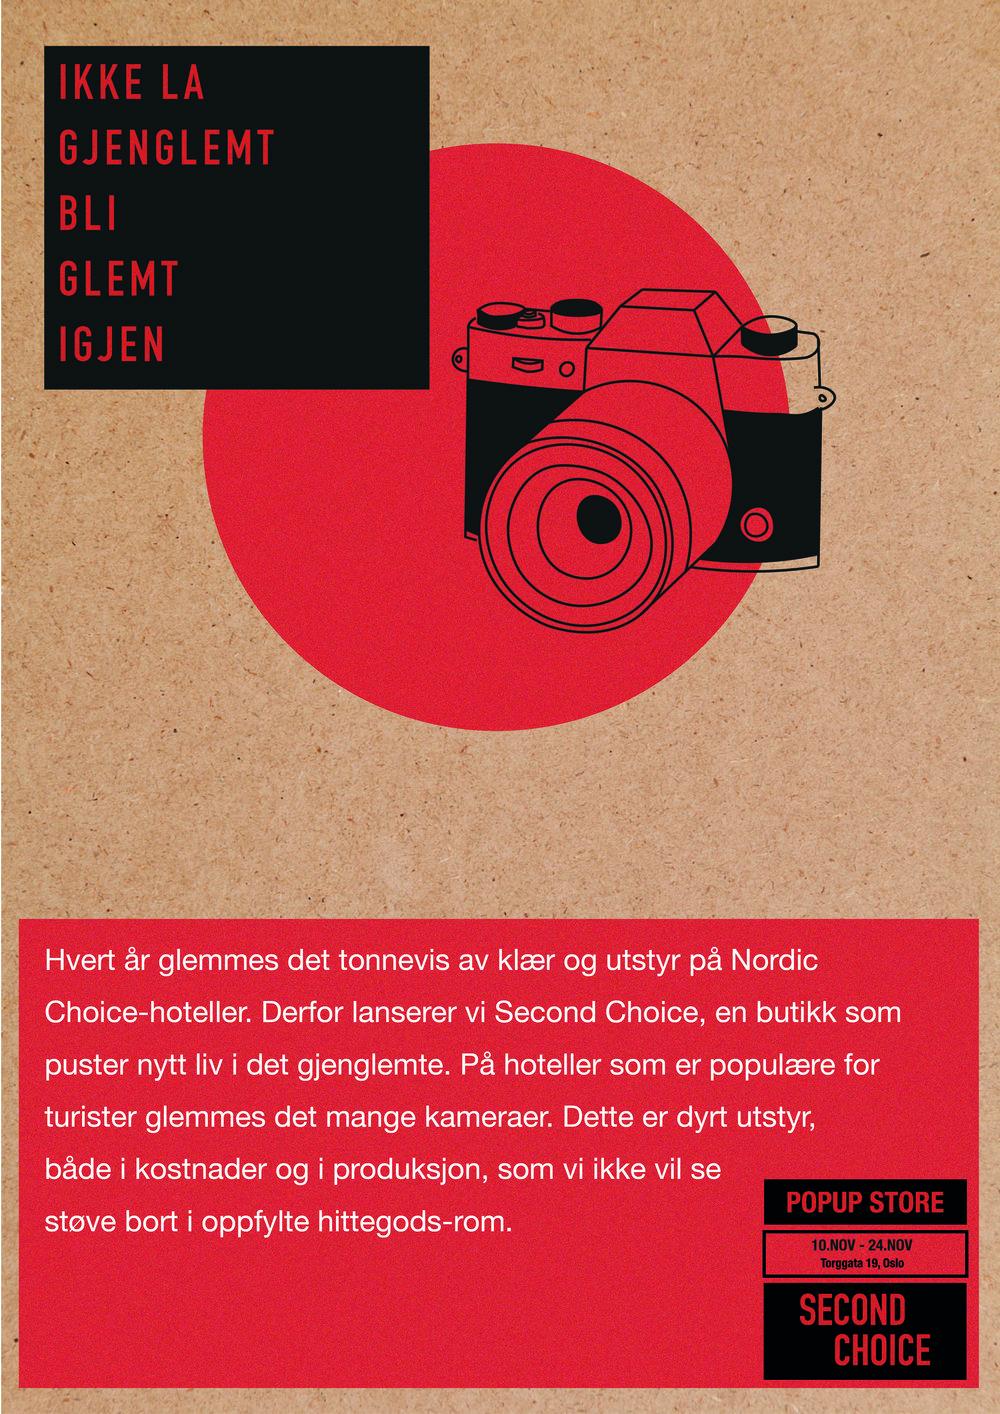 Nordic Choice Ferdig-03.jpg